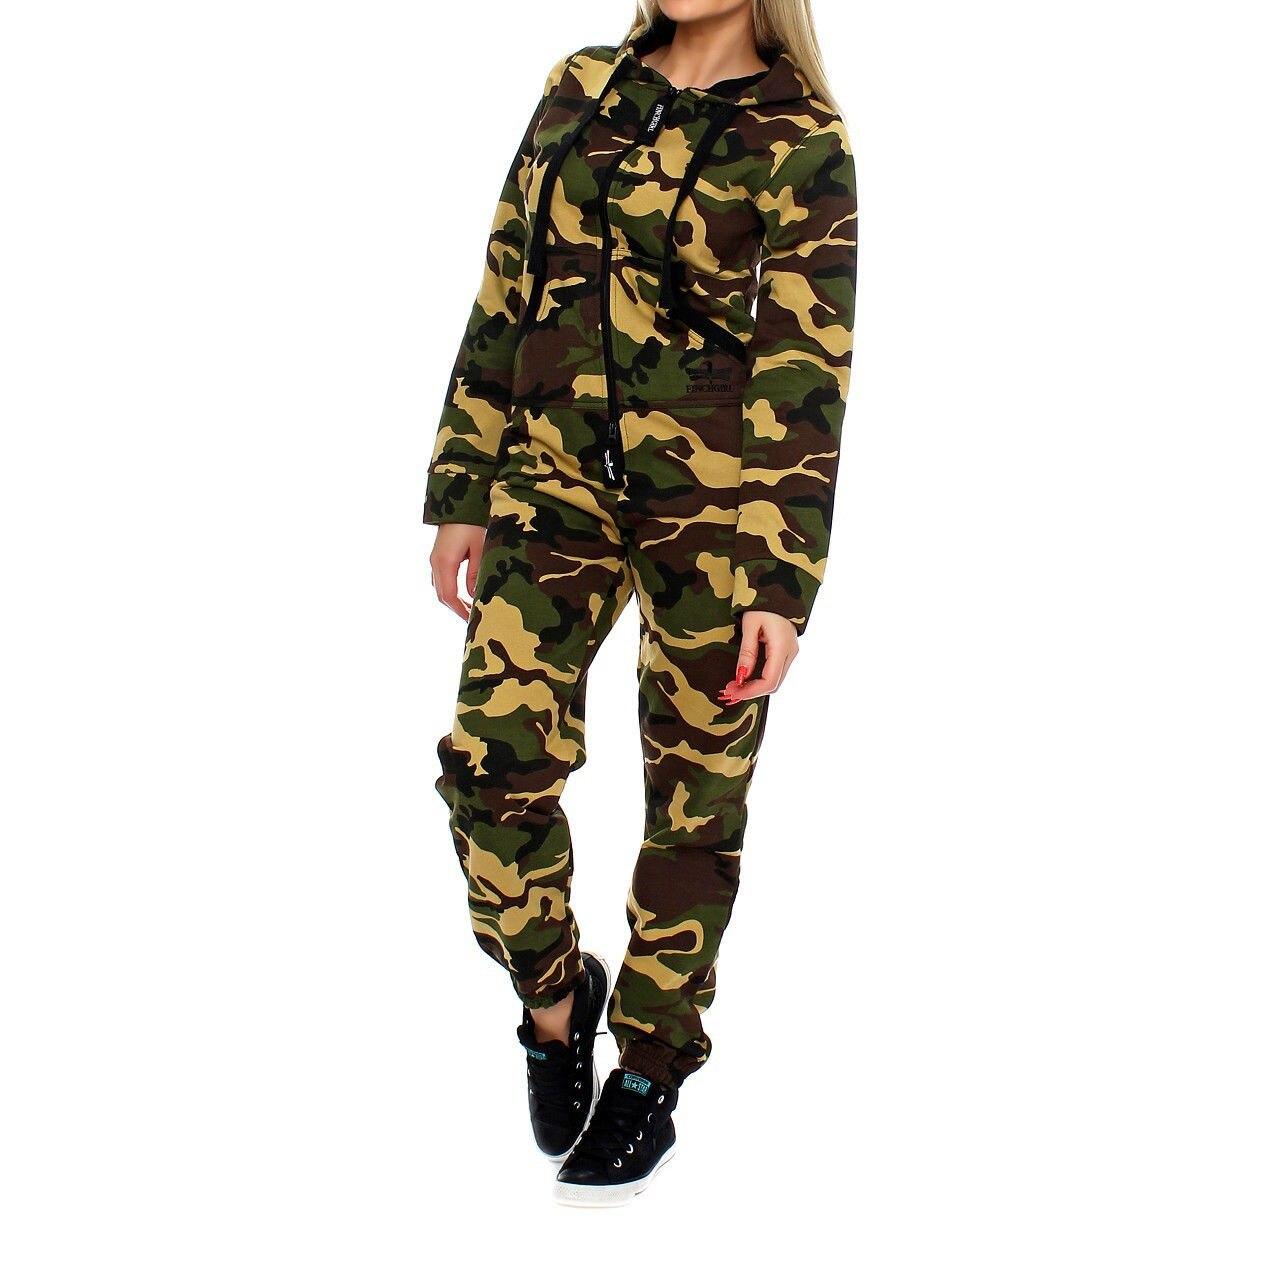 Pantalons gray And Zogaa Ensemble À Camouflage Mode Green Pour 2018 black 2 Capuche S Femme Army De Pièces Nouvelle Survêtement Camouflage Femmes 2xl White Tenue Sweat Jogging qqP6Bx4nw